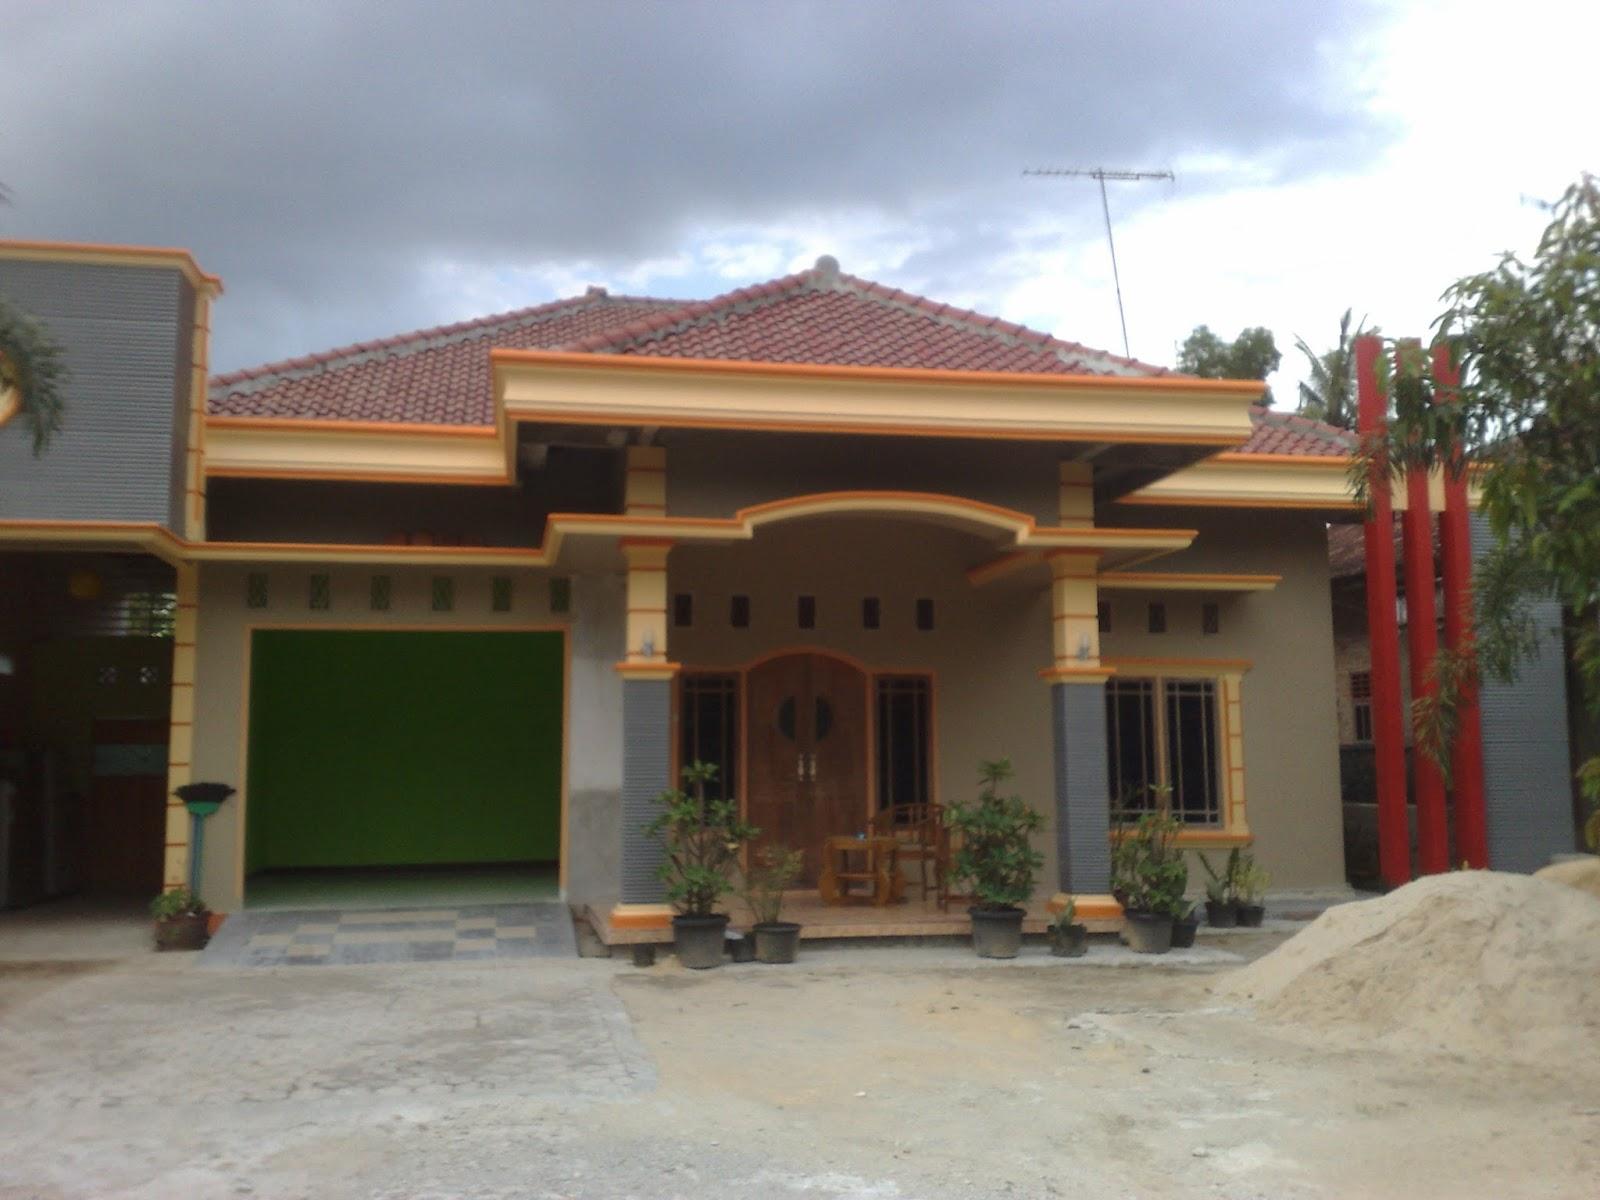 Desain Rumah Minimalis 2 Lantai Di Kampung 2020 Rumah Minimalis